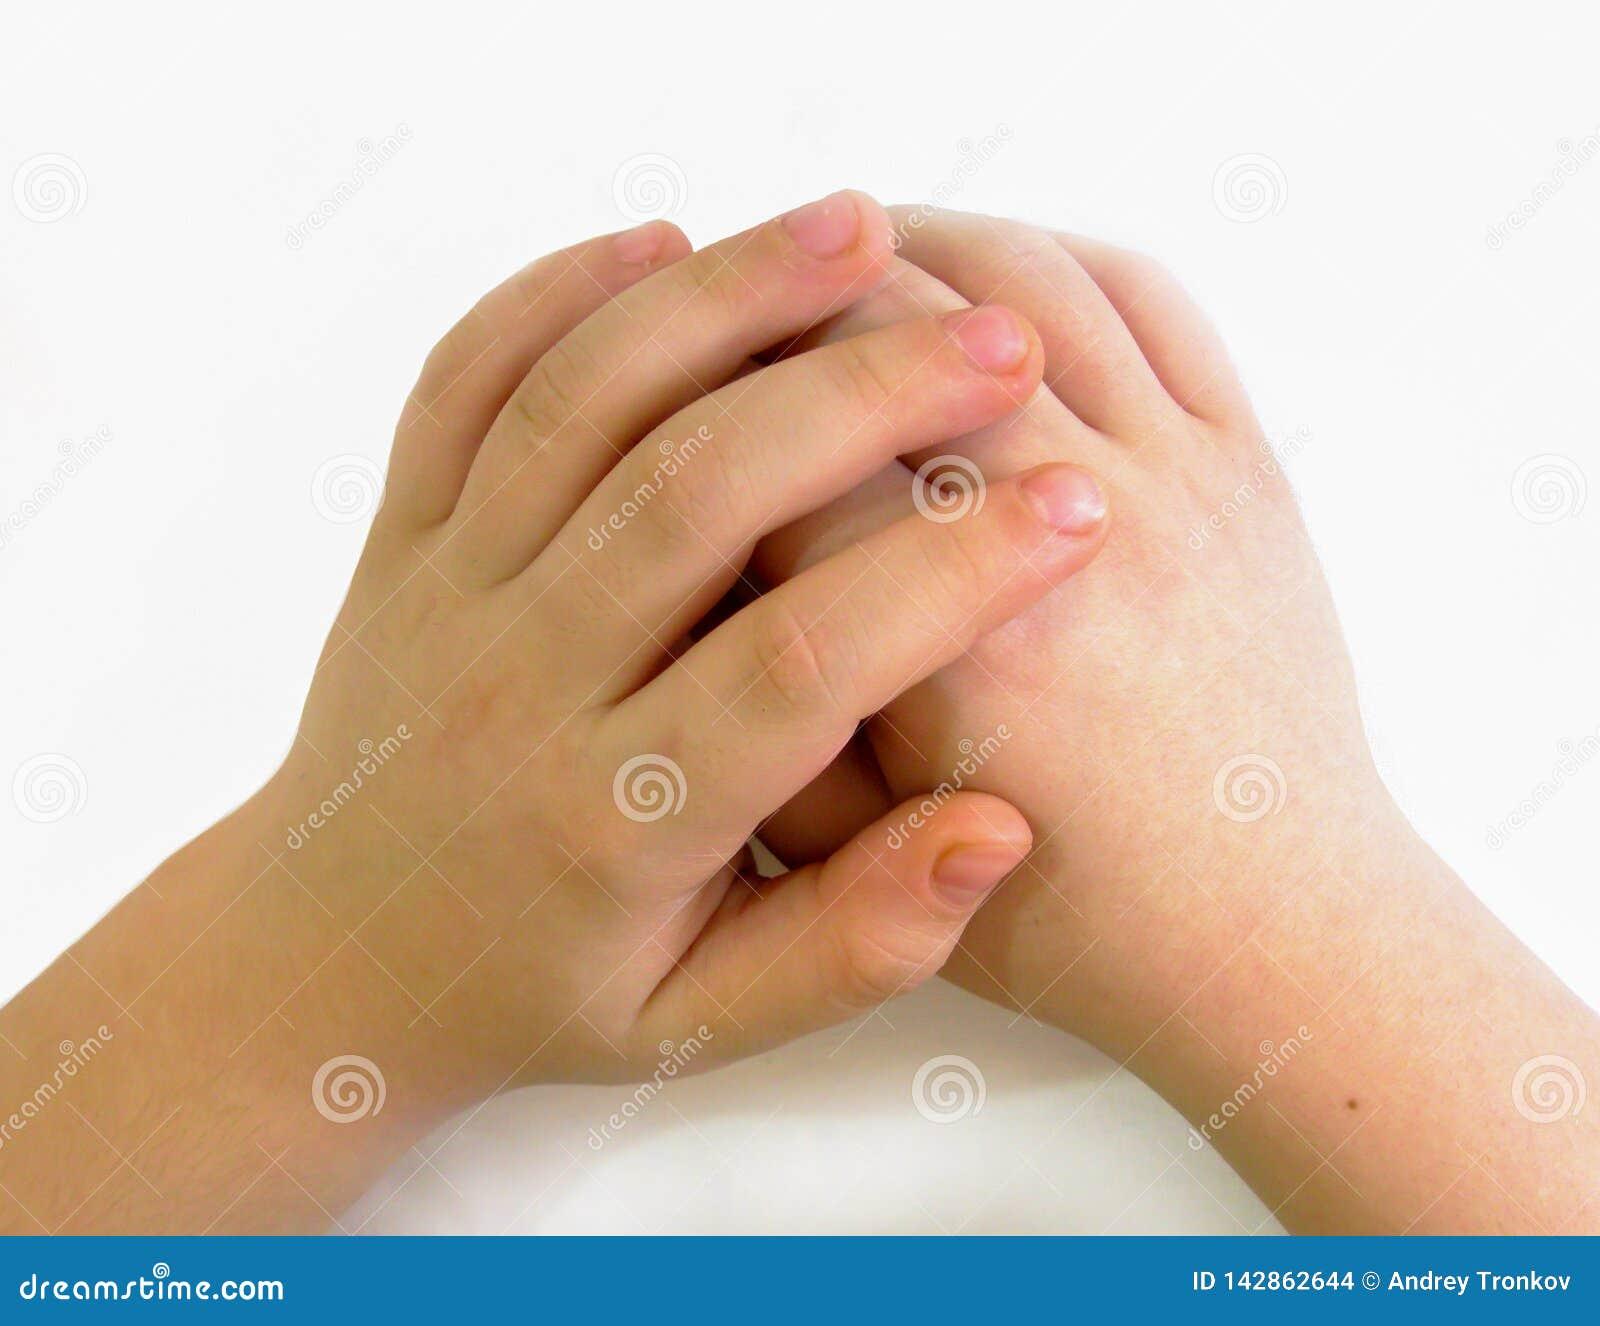 Menschliche Hände sind einer der ausdrucksvollsten Körperteile